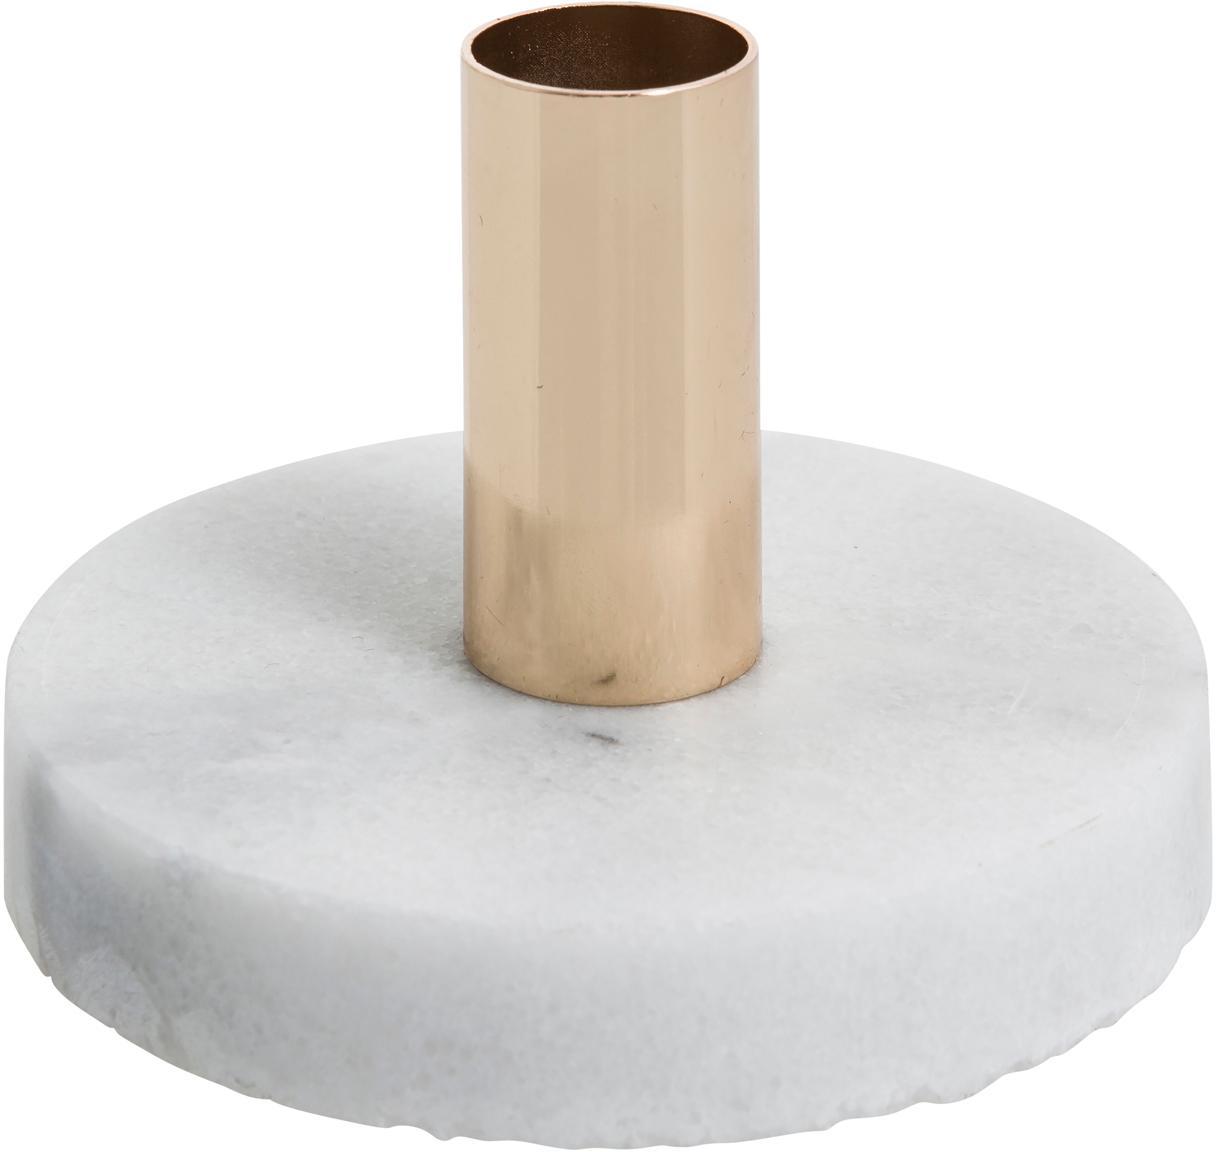 Marmeren kandelaar Cole, Marmer, metaal, Wit, goudkleurig, Ø 10 x H 7 cm